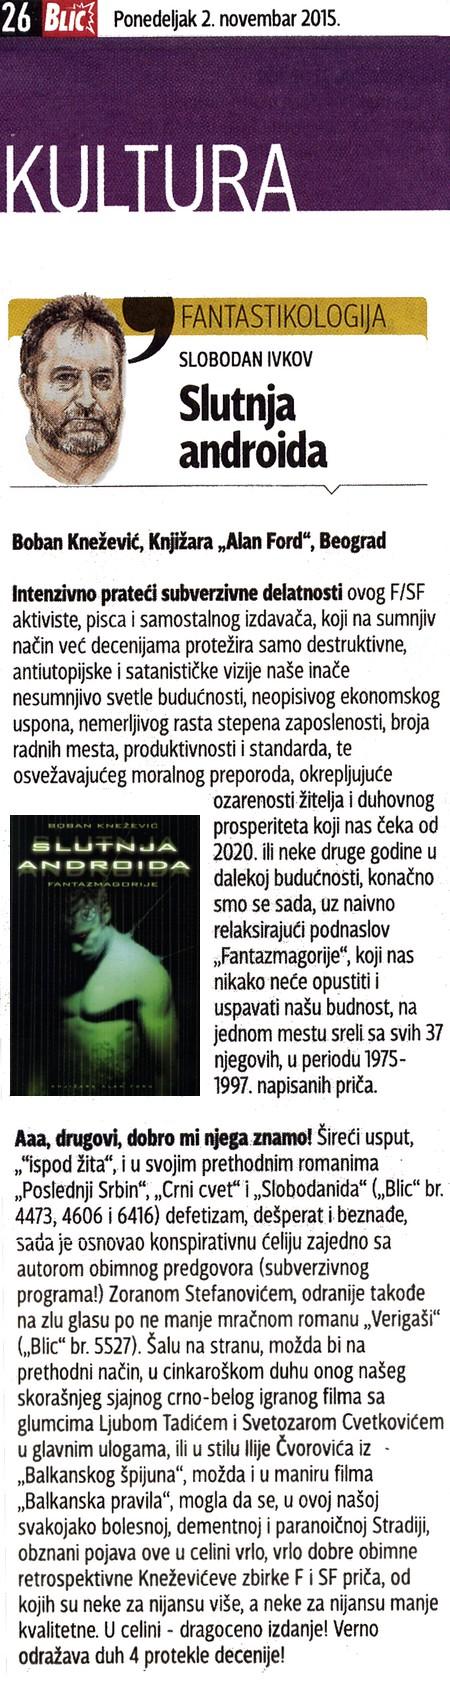 Boban Knežević - Slutnja androida